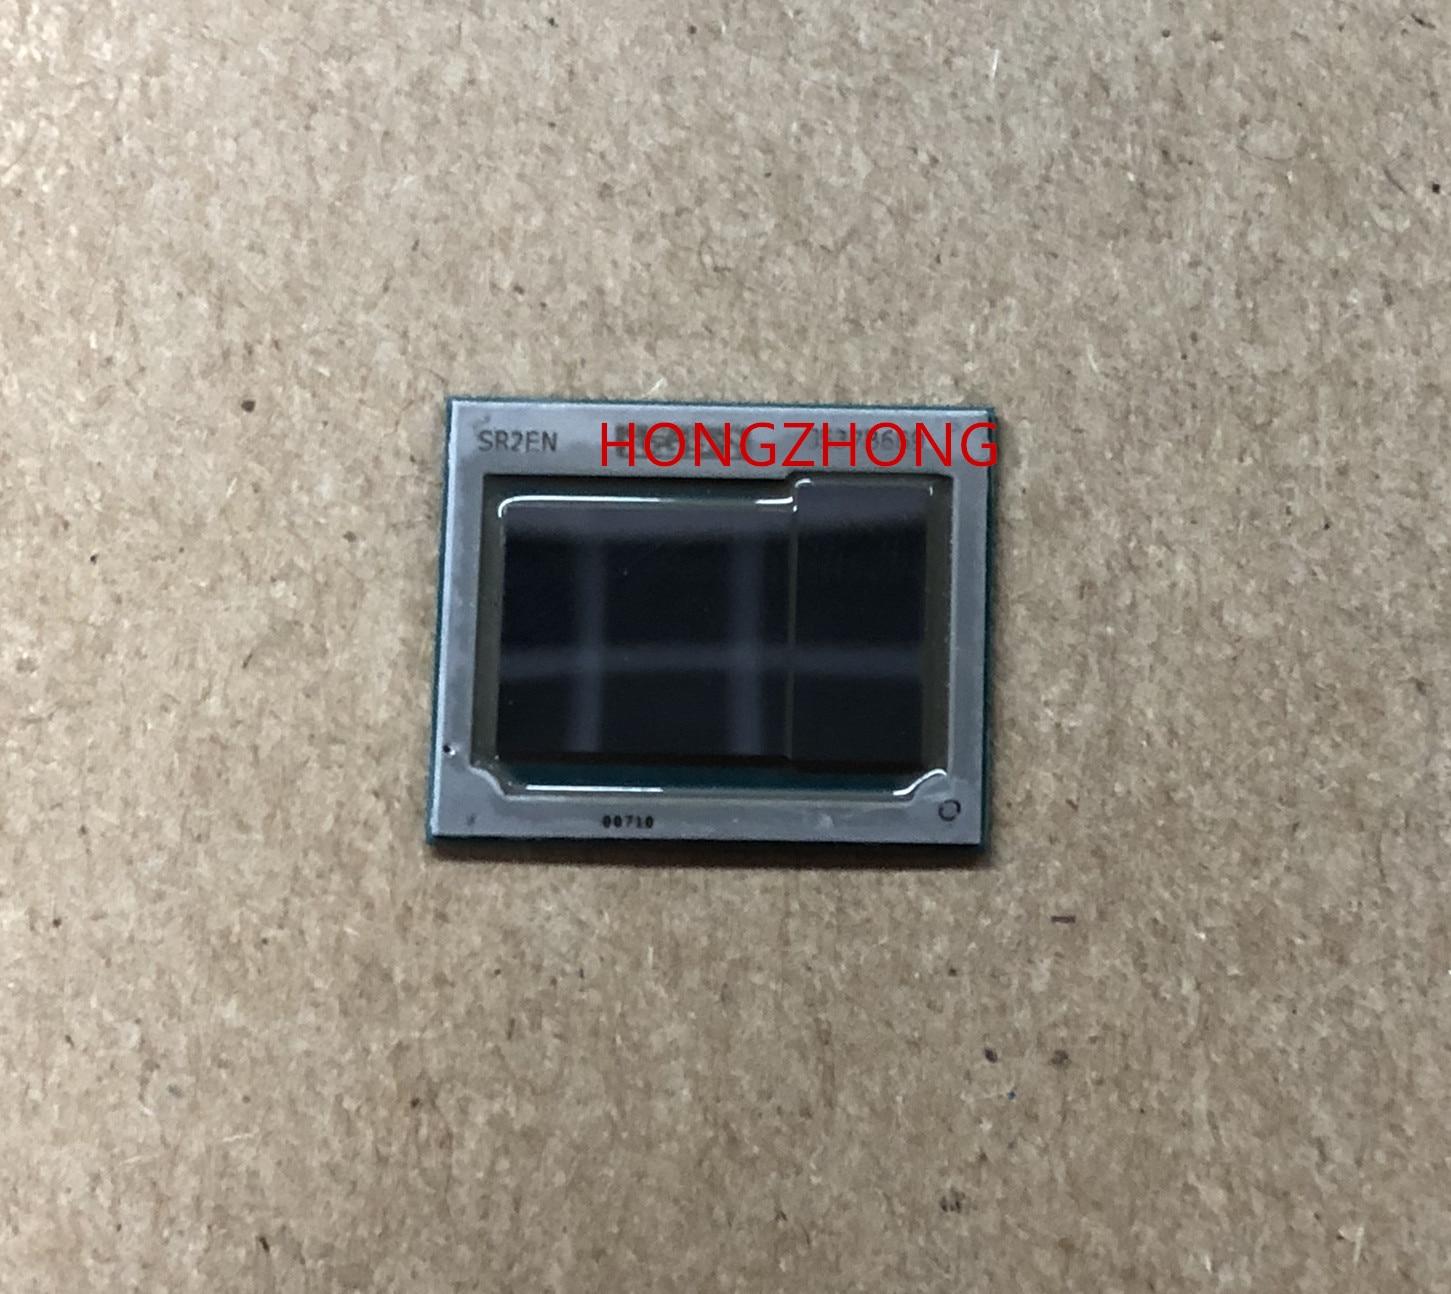 100% test very good product M7-6Y75 SR2EH M5-6Y57 SR2EG M3-6Y30 SR2EN M5-6Y54 SR2EM   BGA chipset